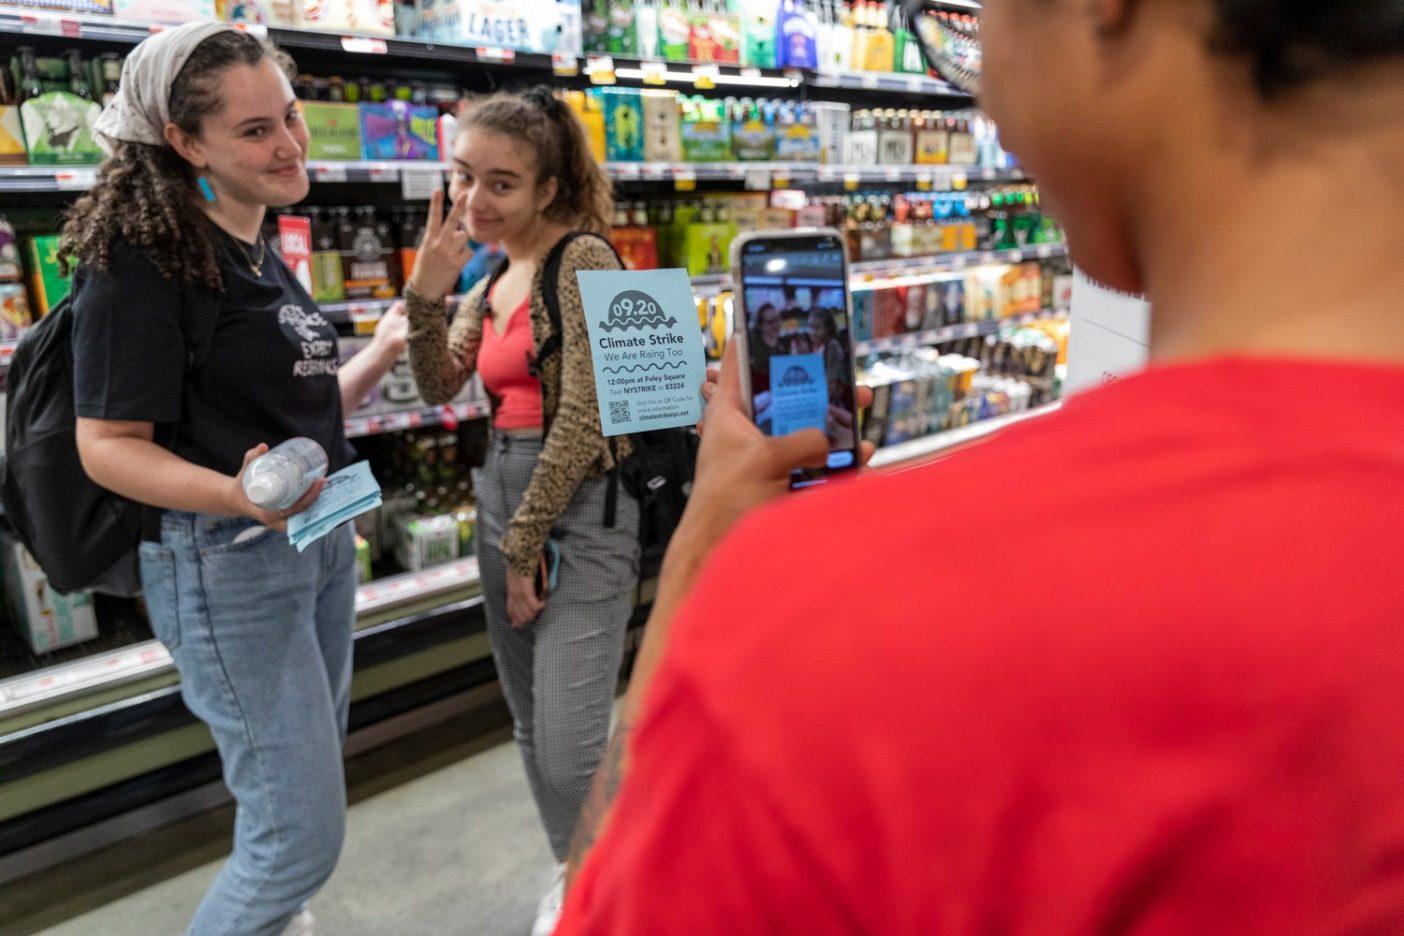 ストライキ前夜にマンハッタンのデリカテッセン内でストライキのチラシを配る主催者のオリビアとイザベラ。「できるかぎりストライキの組織作りをつづけていくつもりです」とオリビアは言う。Photo: Keri Oberly